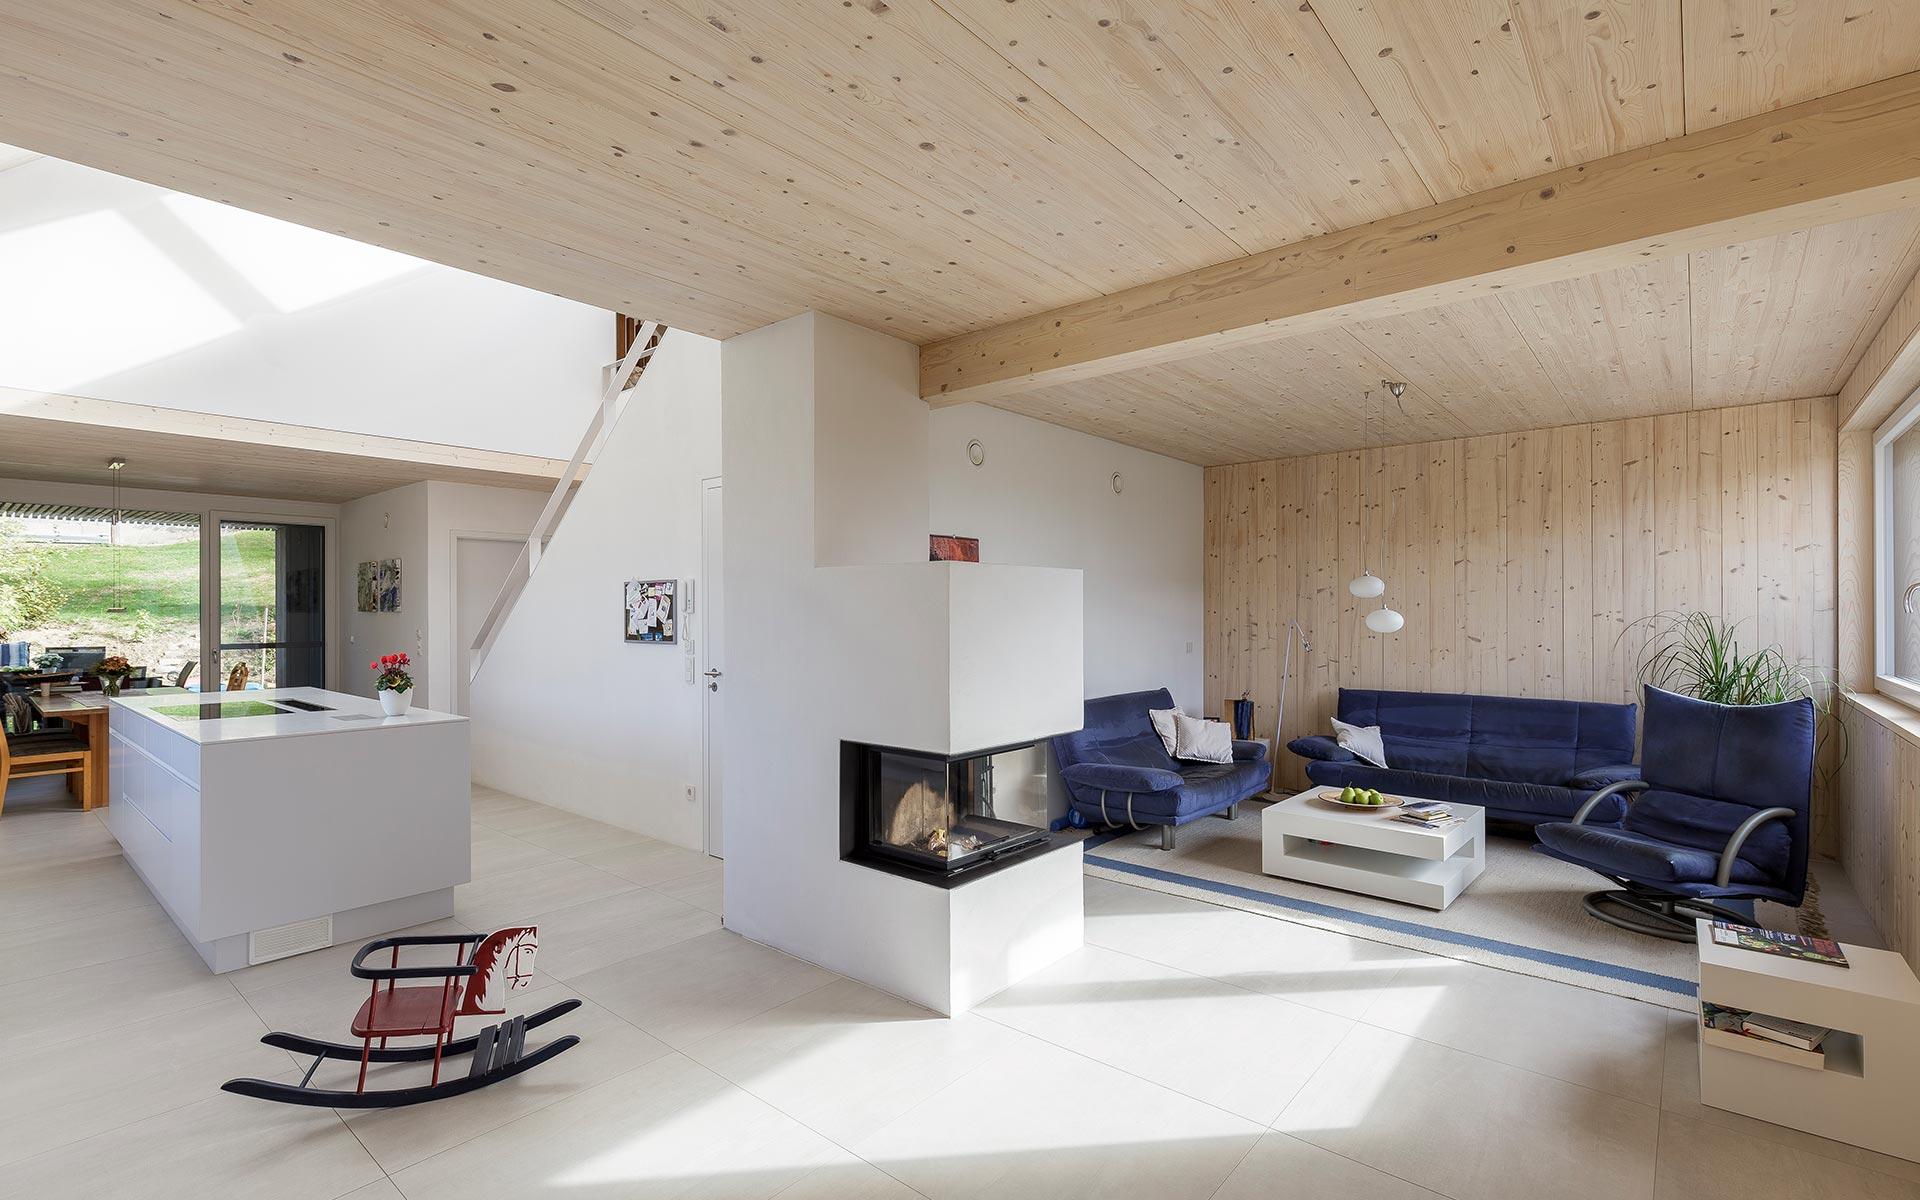 Kombination aus Holz und klassischen weißen Putzwänden